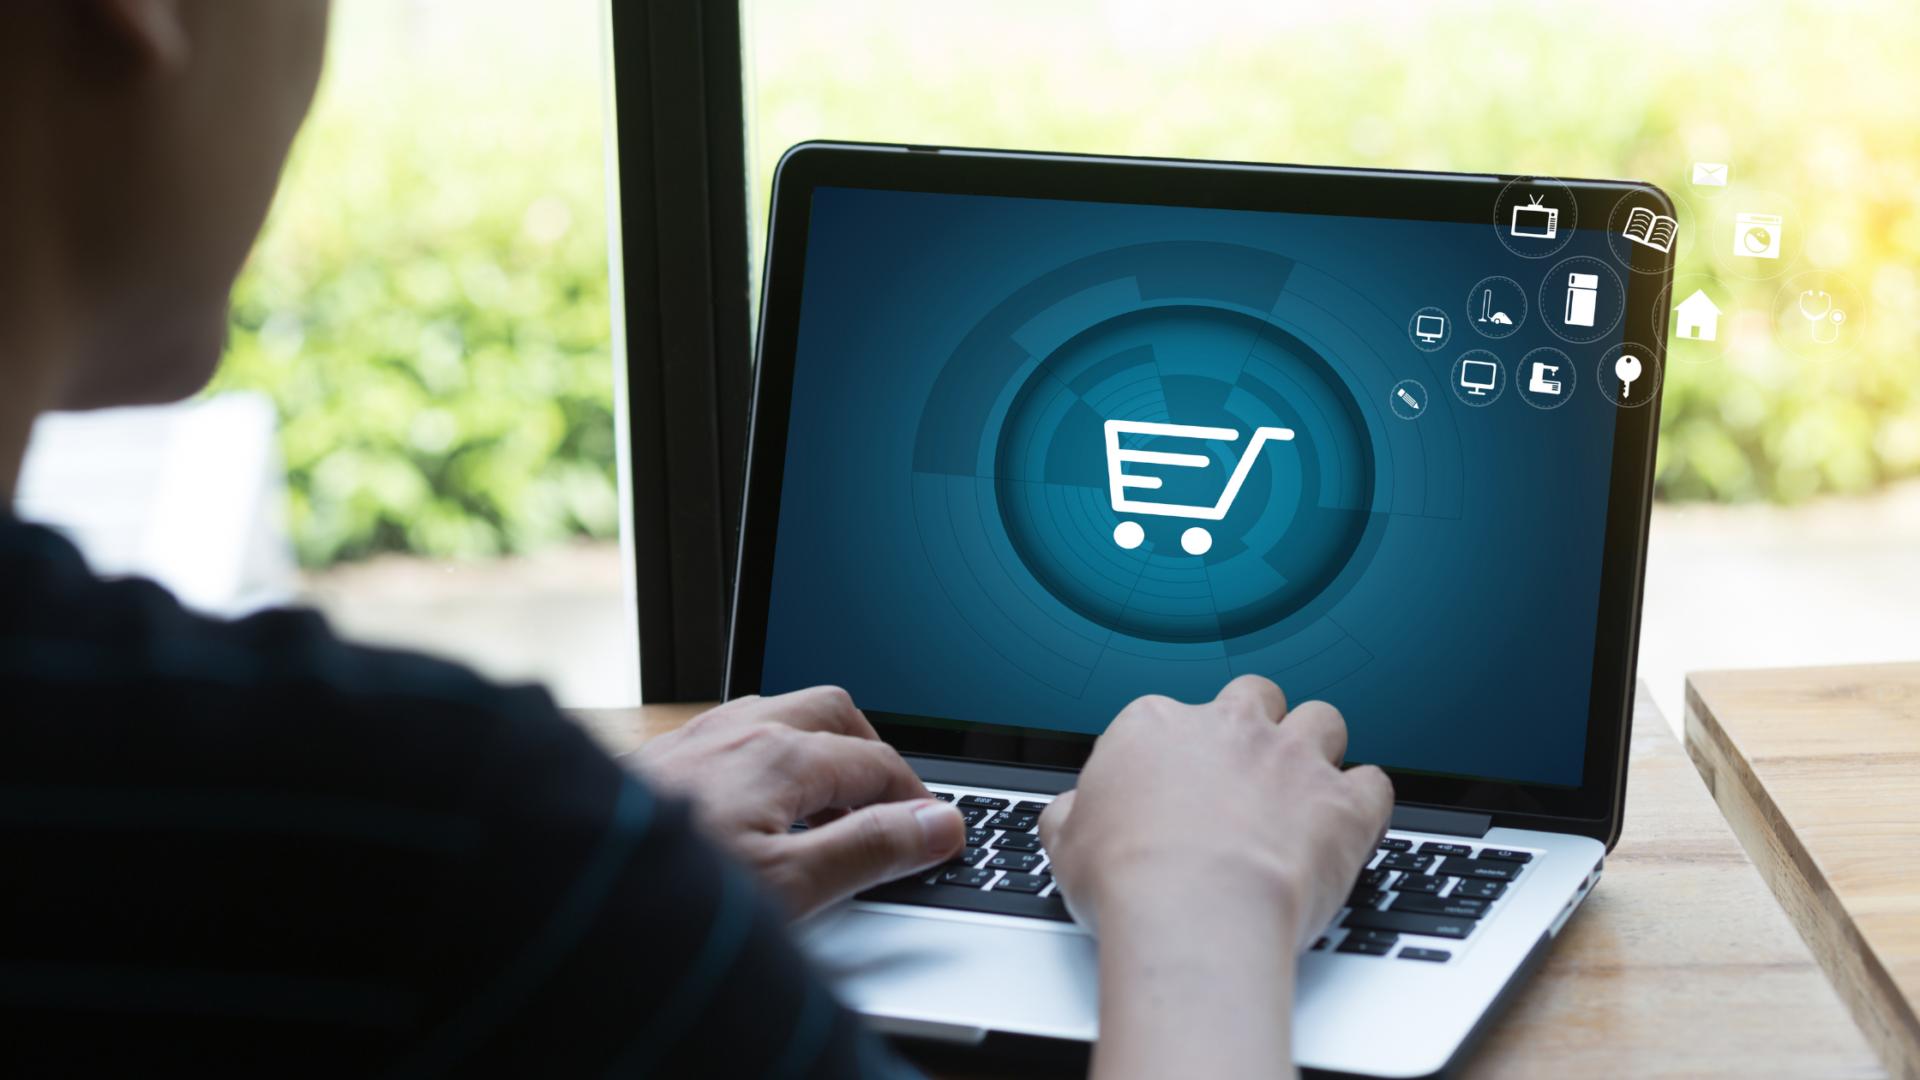 Retos para el comercio electrónico en tiempos de pandemia